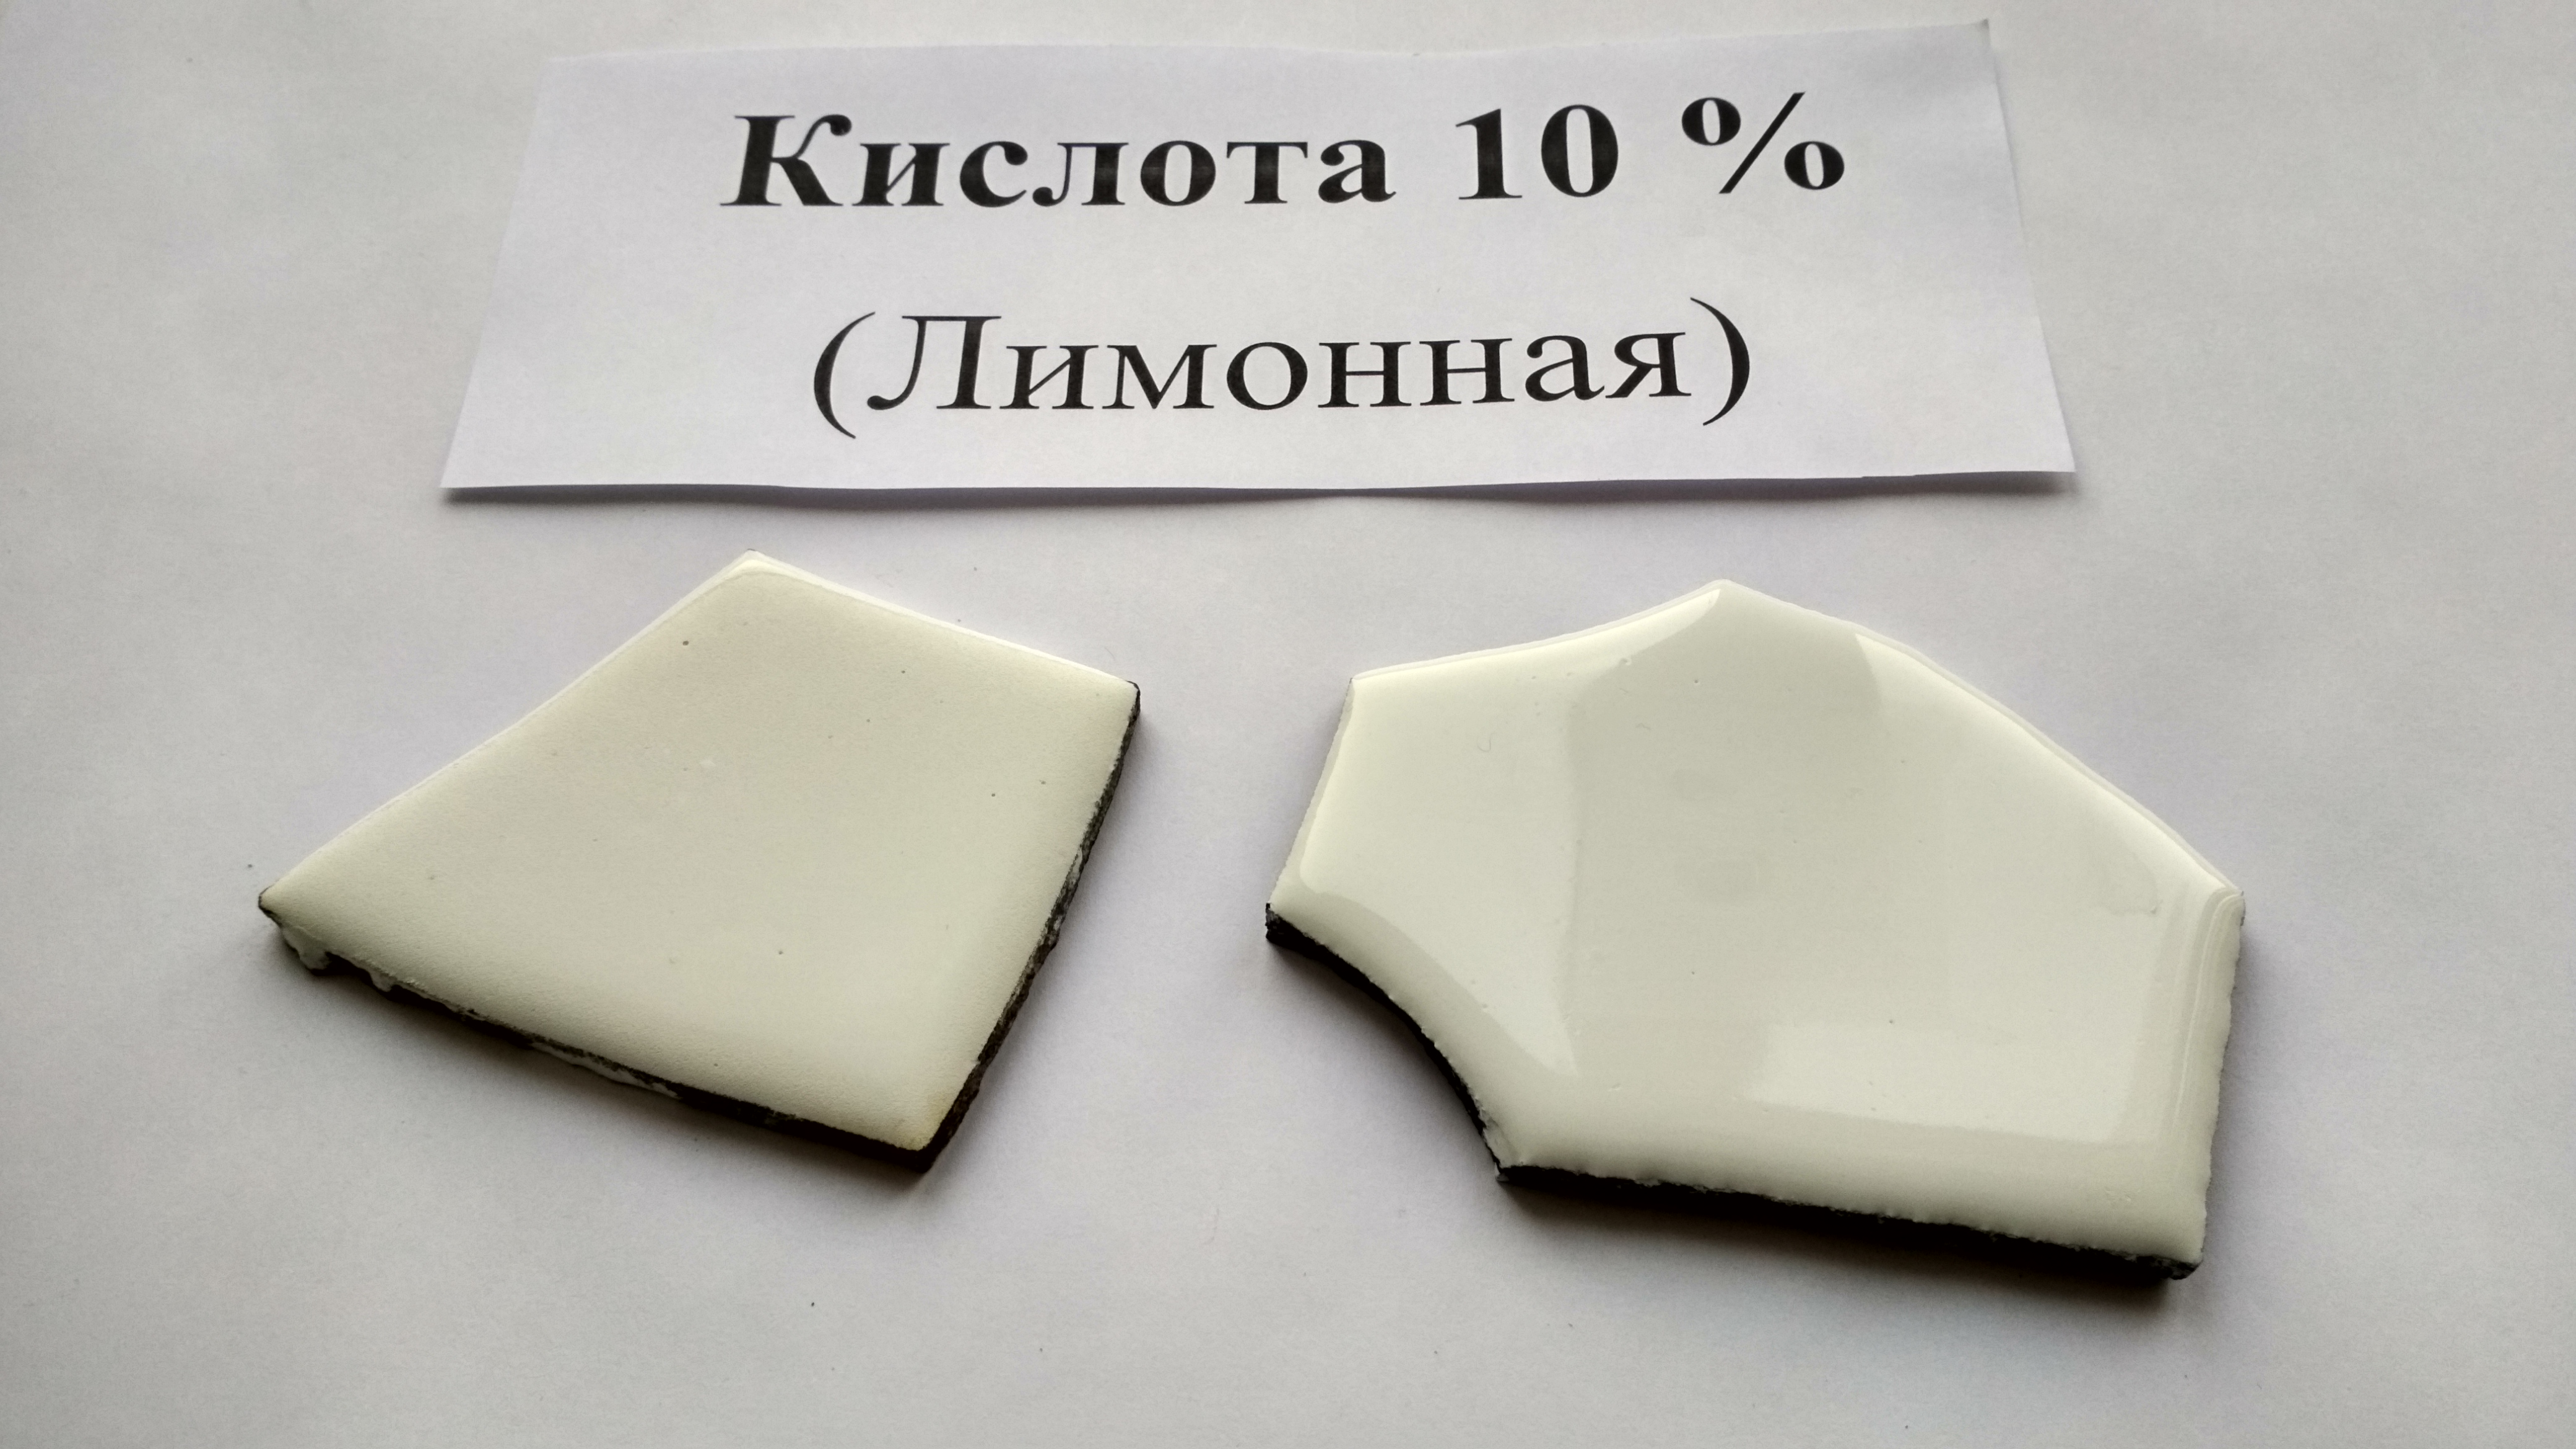 Чугунные пластинки после воздействия 10 % лимонной кислоты в течение 24 часов